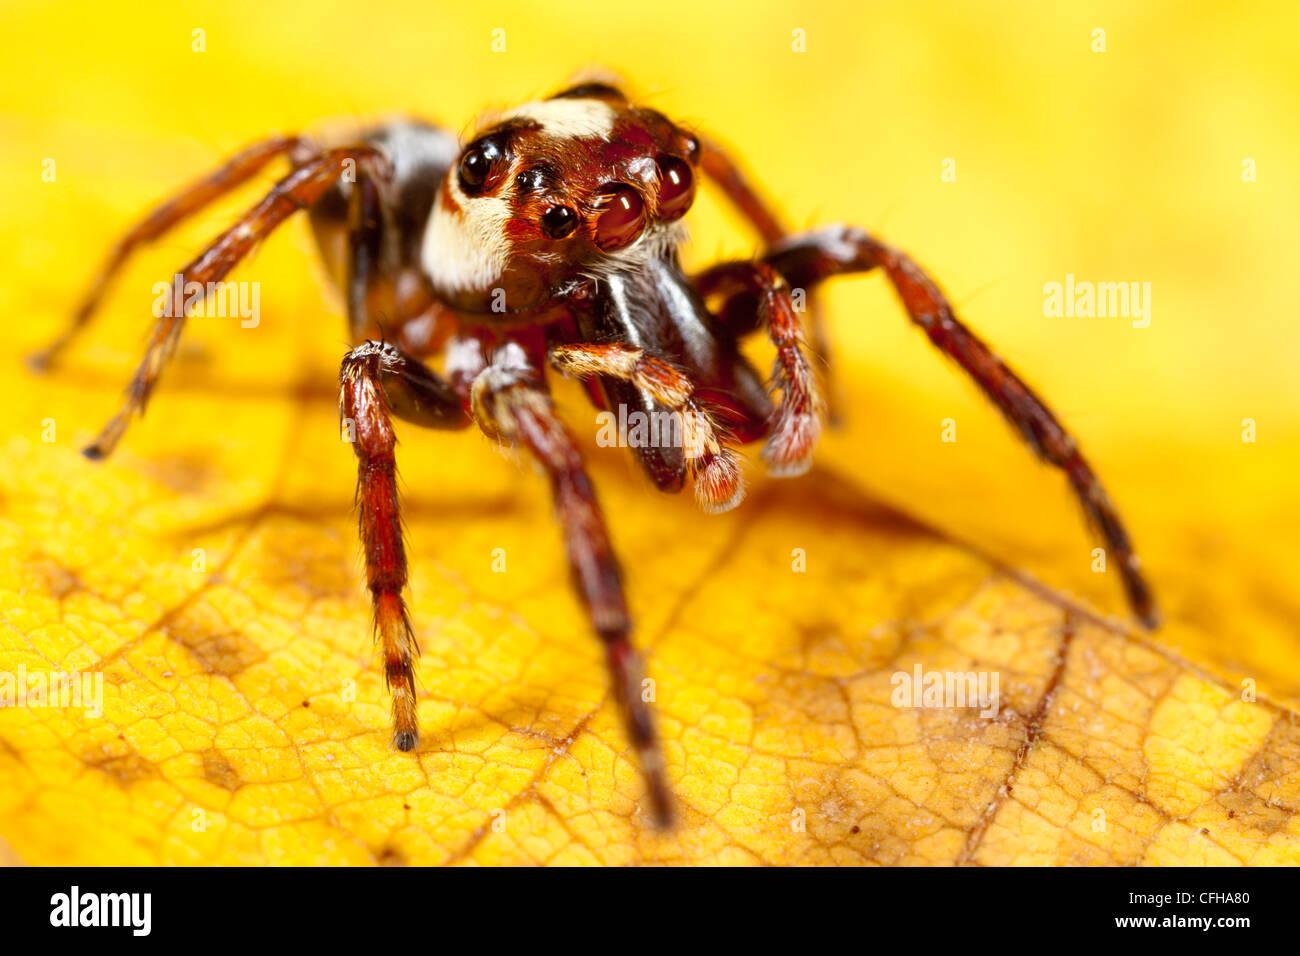 Jumping spider en la hoja amarilla. Parque Nacional de la península de Masoala en Madagascar. Imagen De Stock